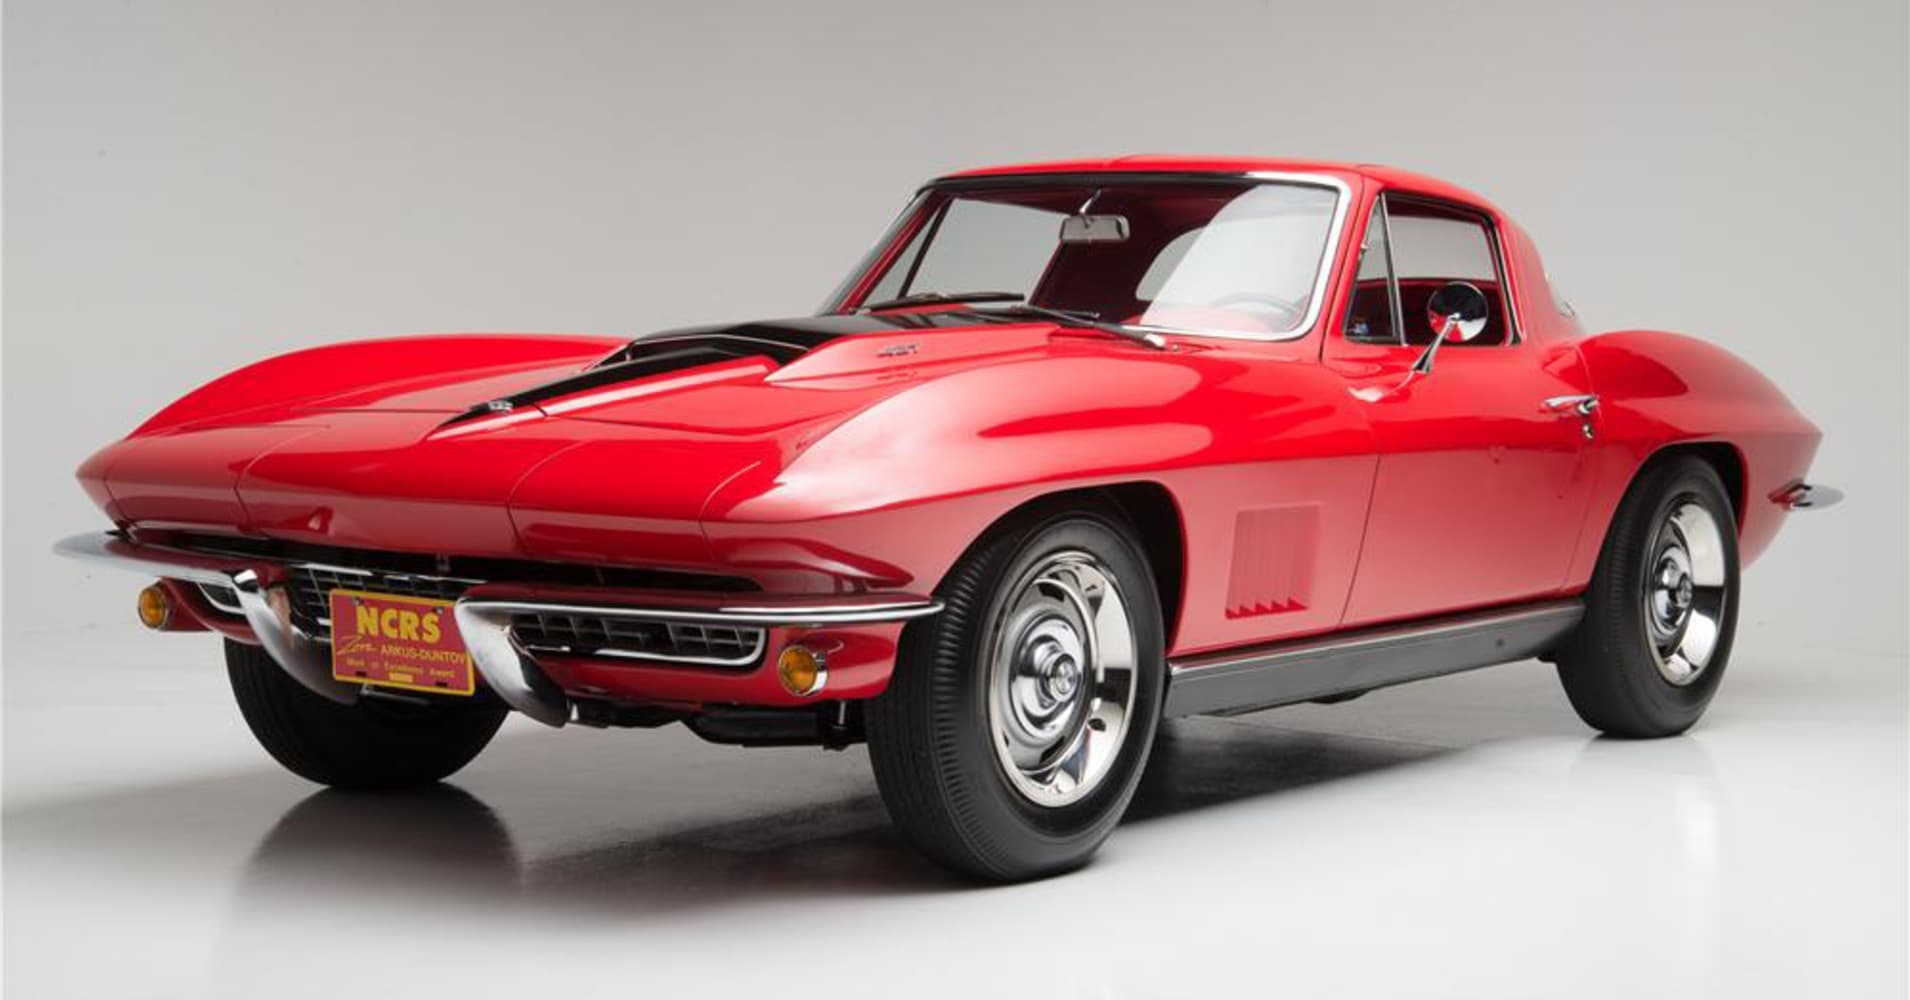 $3.8 million Corvette boosts muscle car market